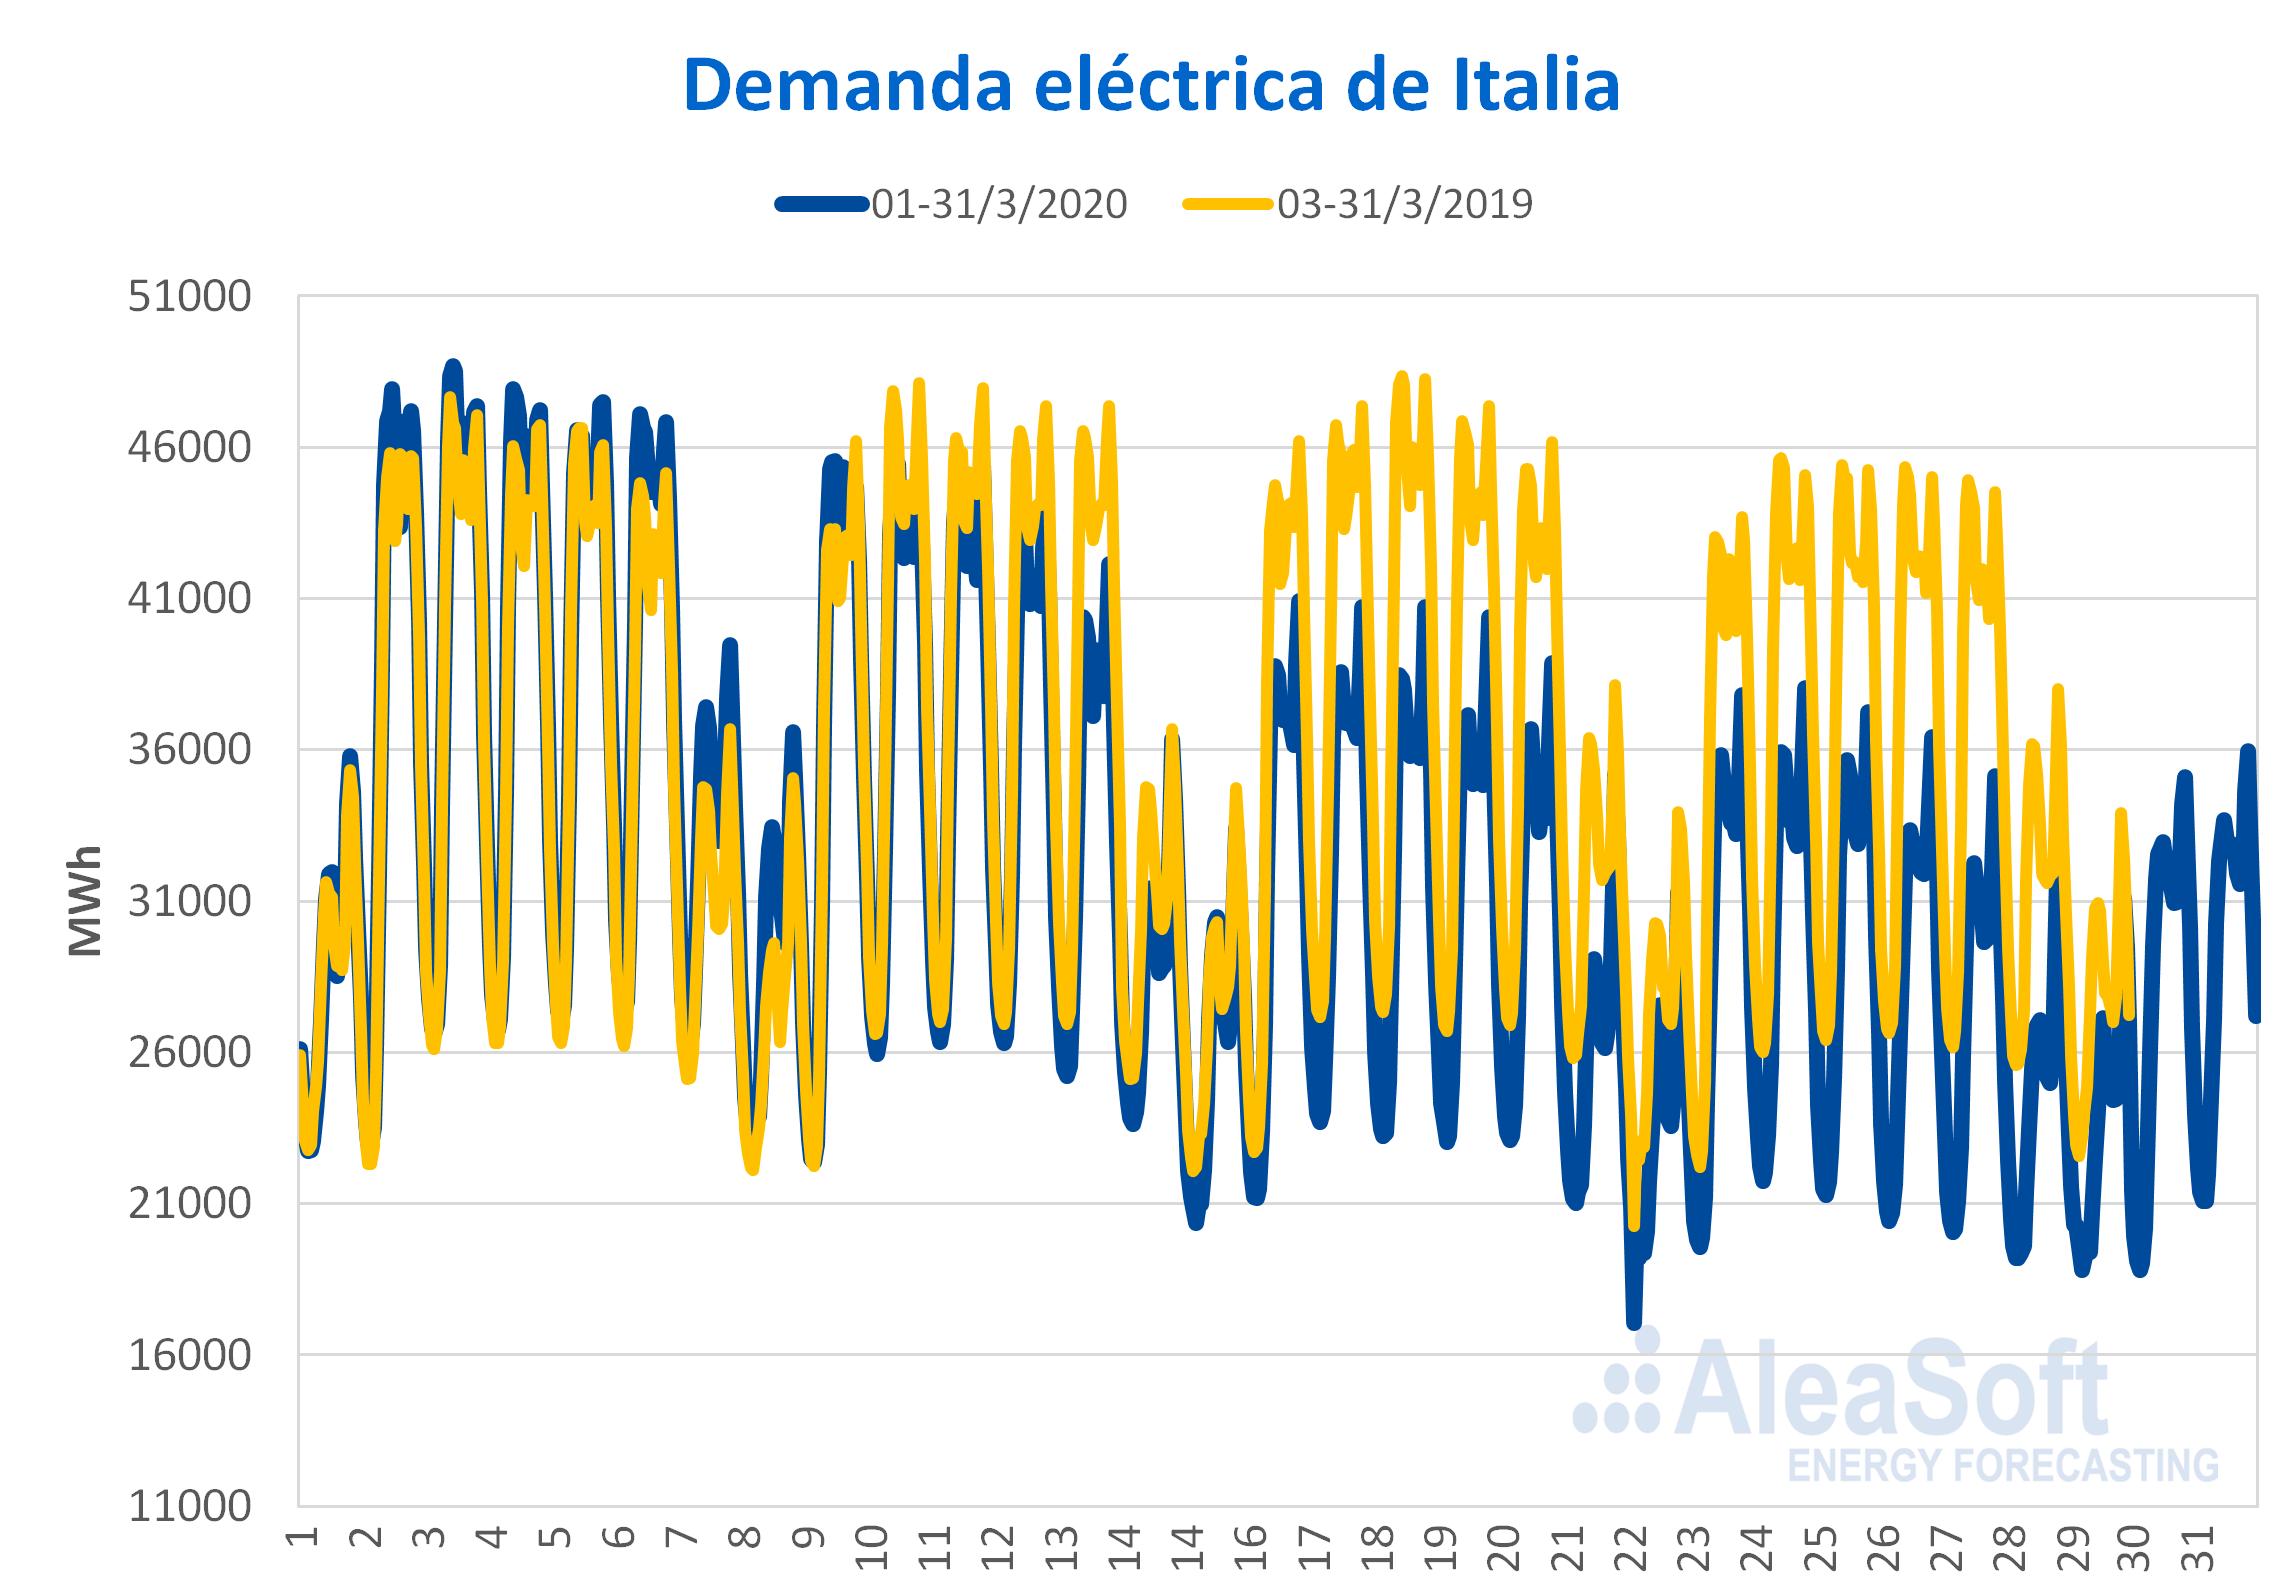 AleaSoft - Demanda electrica horaria Italia efecto coronavirus